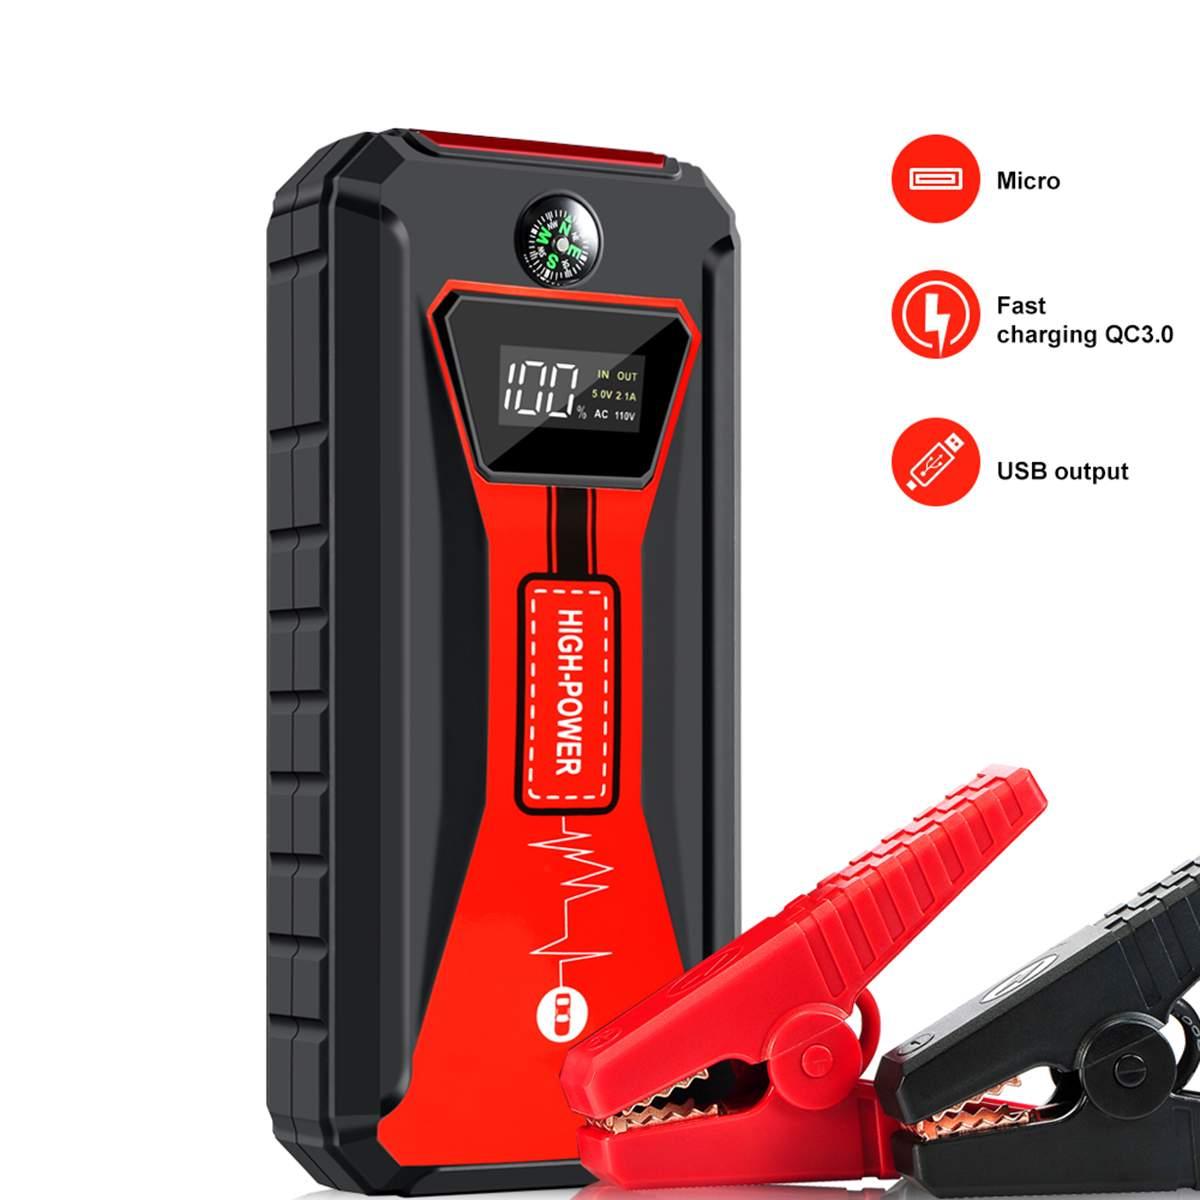 88000 mAh voiture saut démarreur 12 v batterie externe Portable chargeur de voiture multi-fonction démarrage Jumper d'urgence voiture batterie Booster